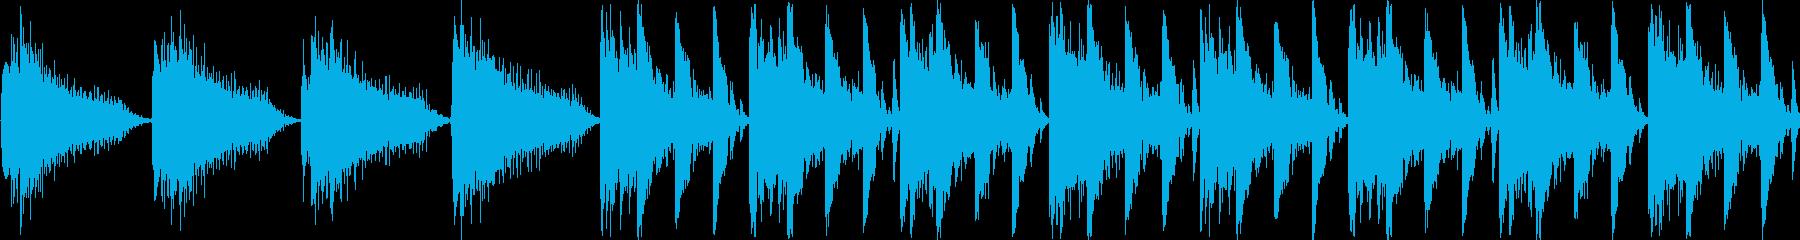 【エレアコ/爽やかポップ】の再生済みの波形